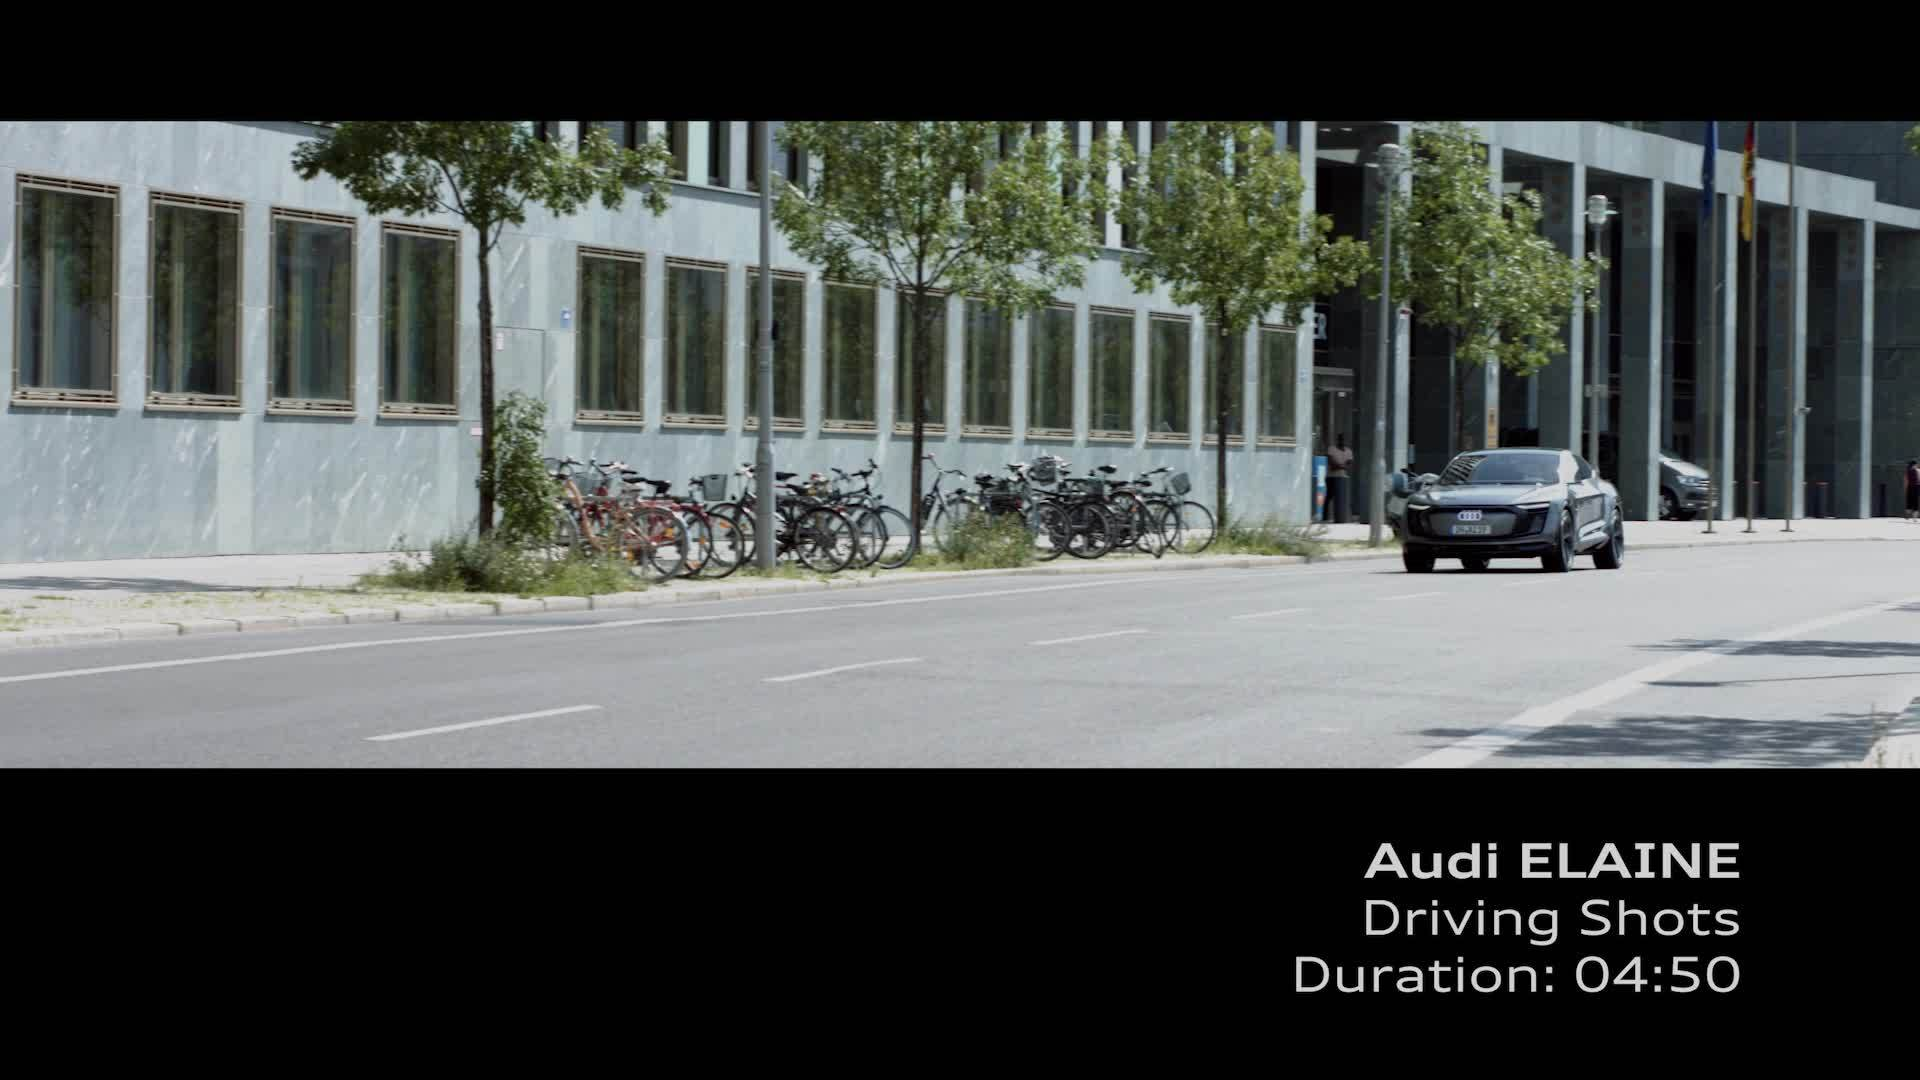 Footage Audi Elaine